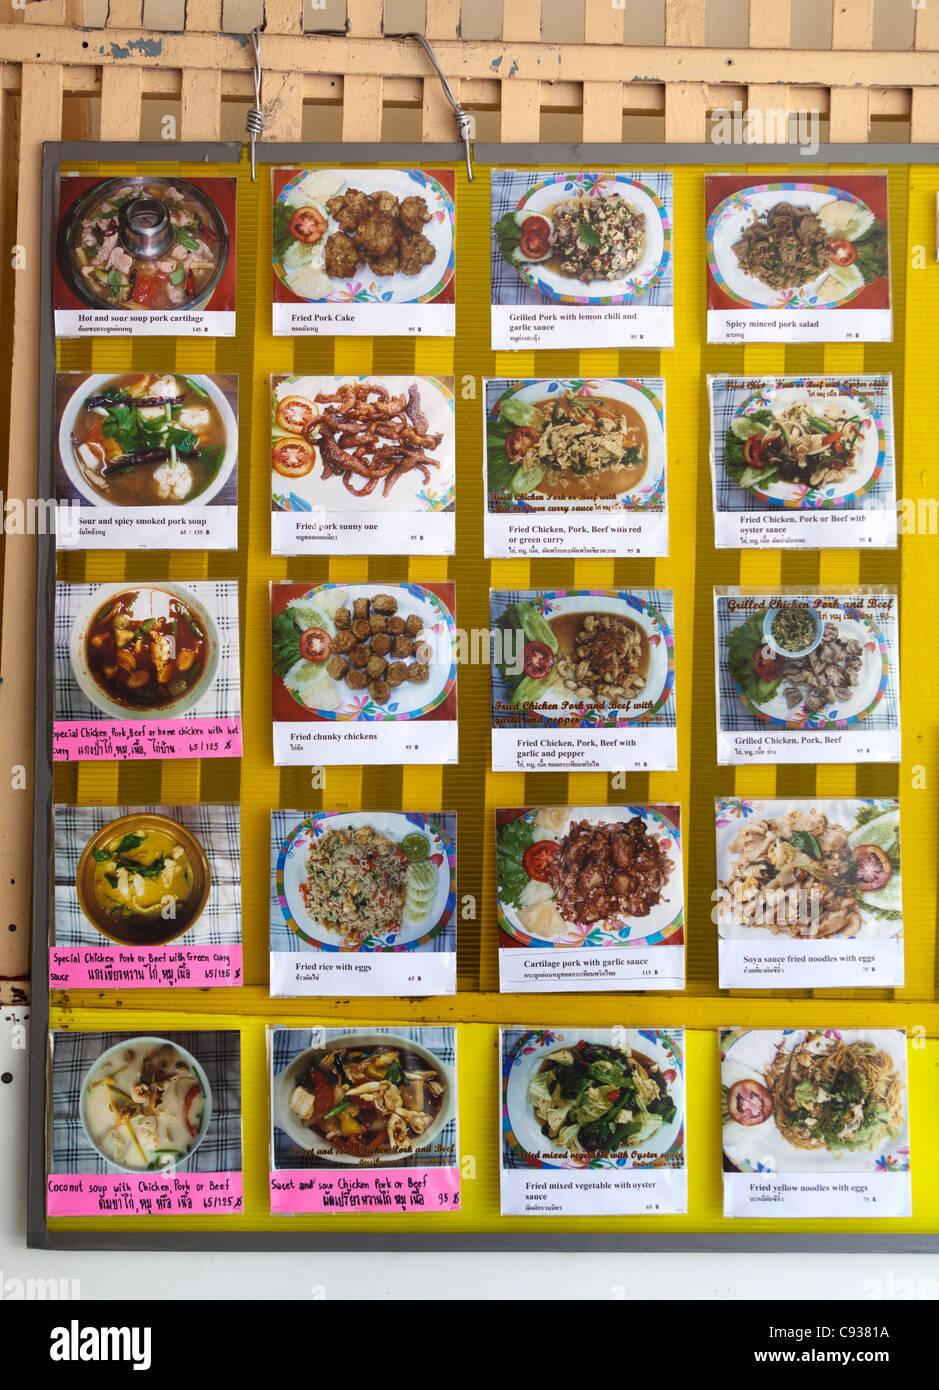 Restaurante Menú Imagen Junta Hua Hin Tailandia Imagen De Stock